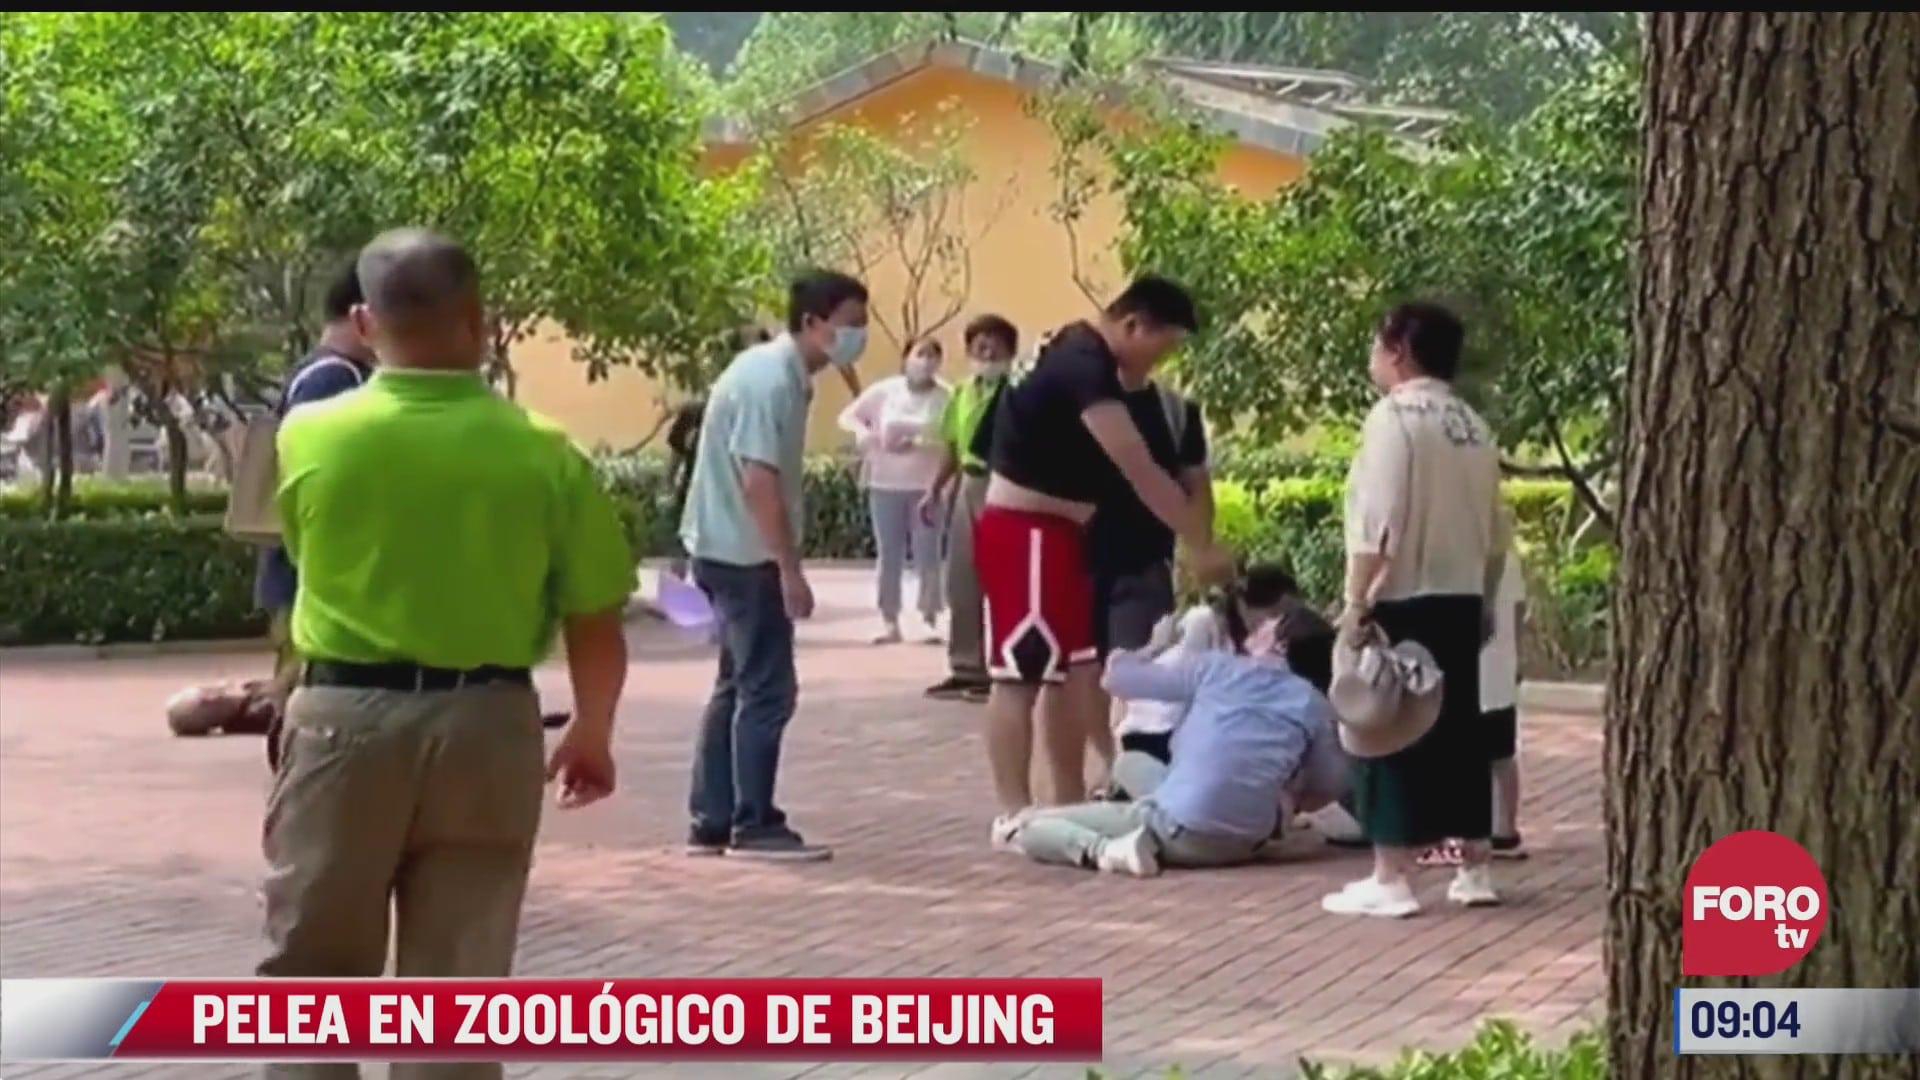 graban pelea entre dos familias en un zoologico